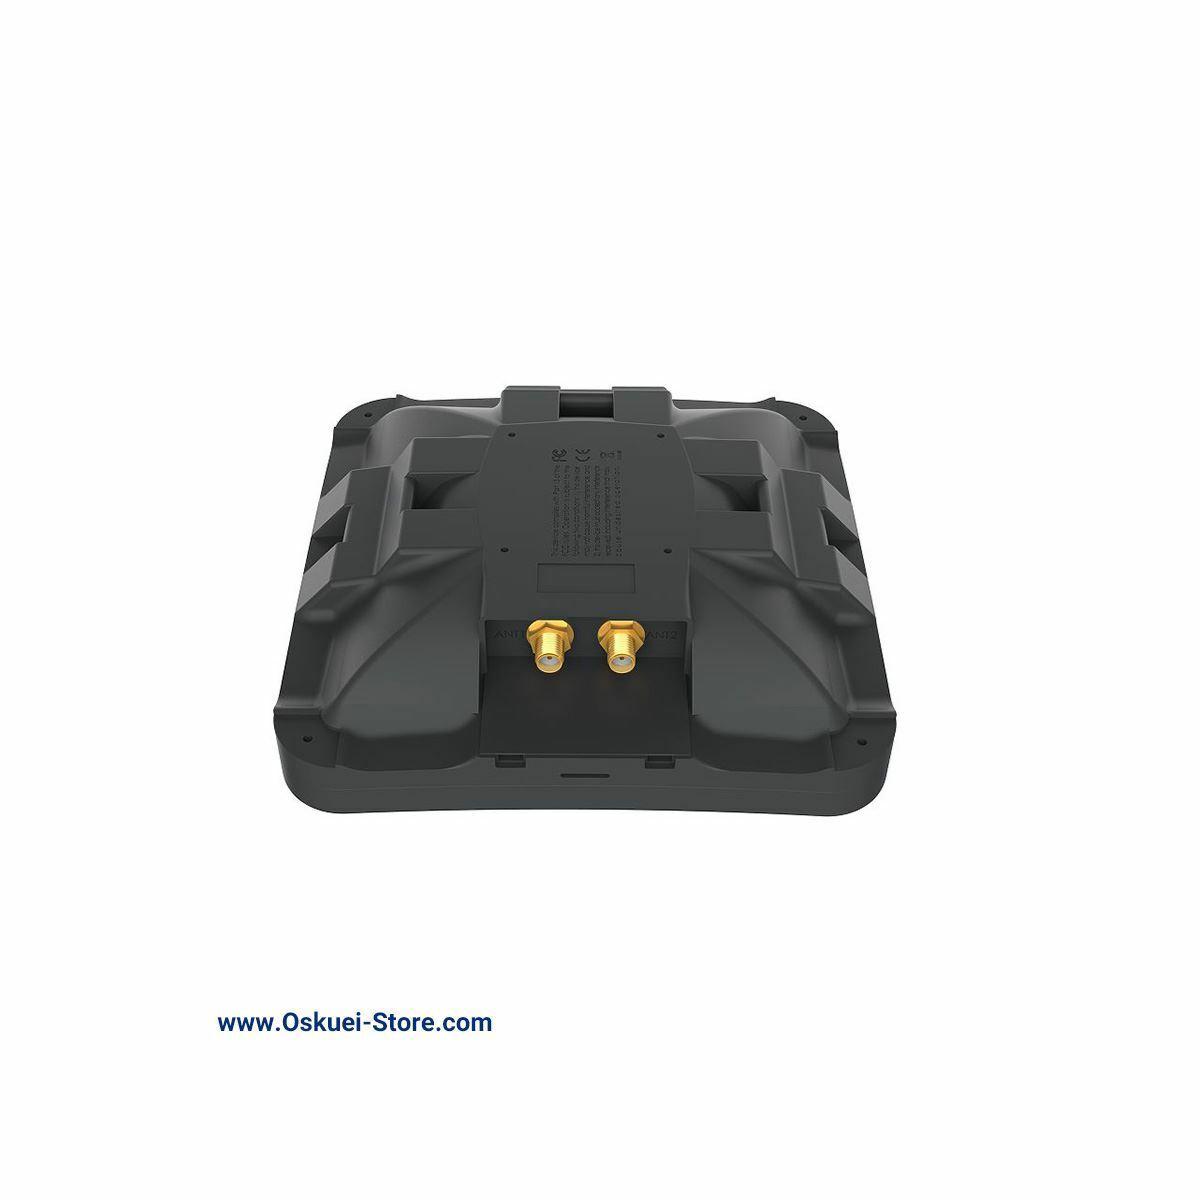 MTAO-LTE-5D-SQ